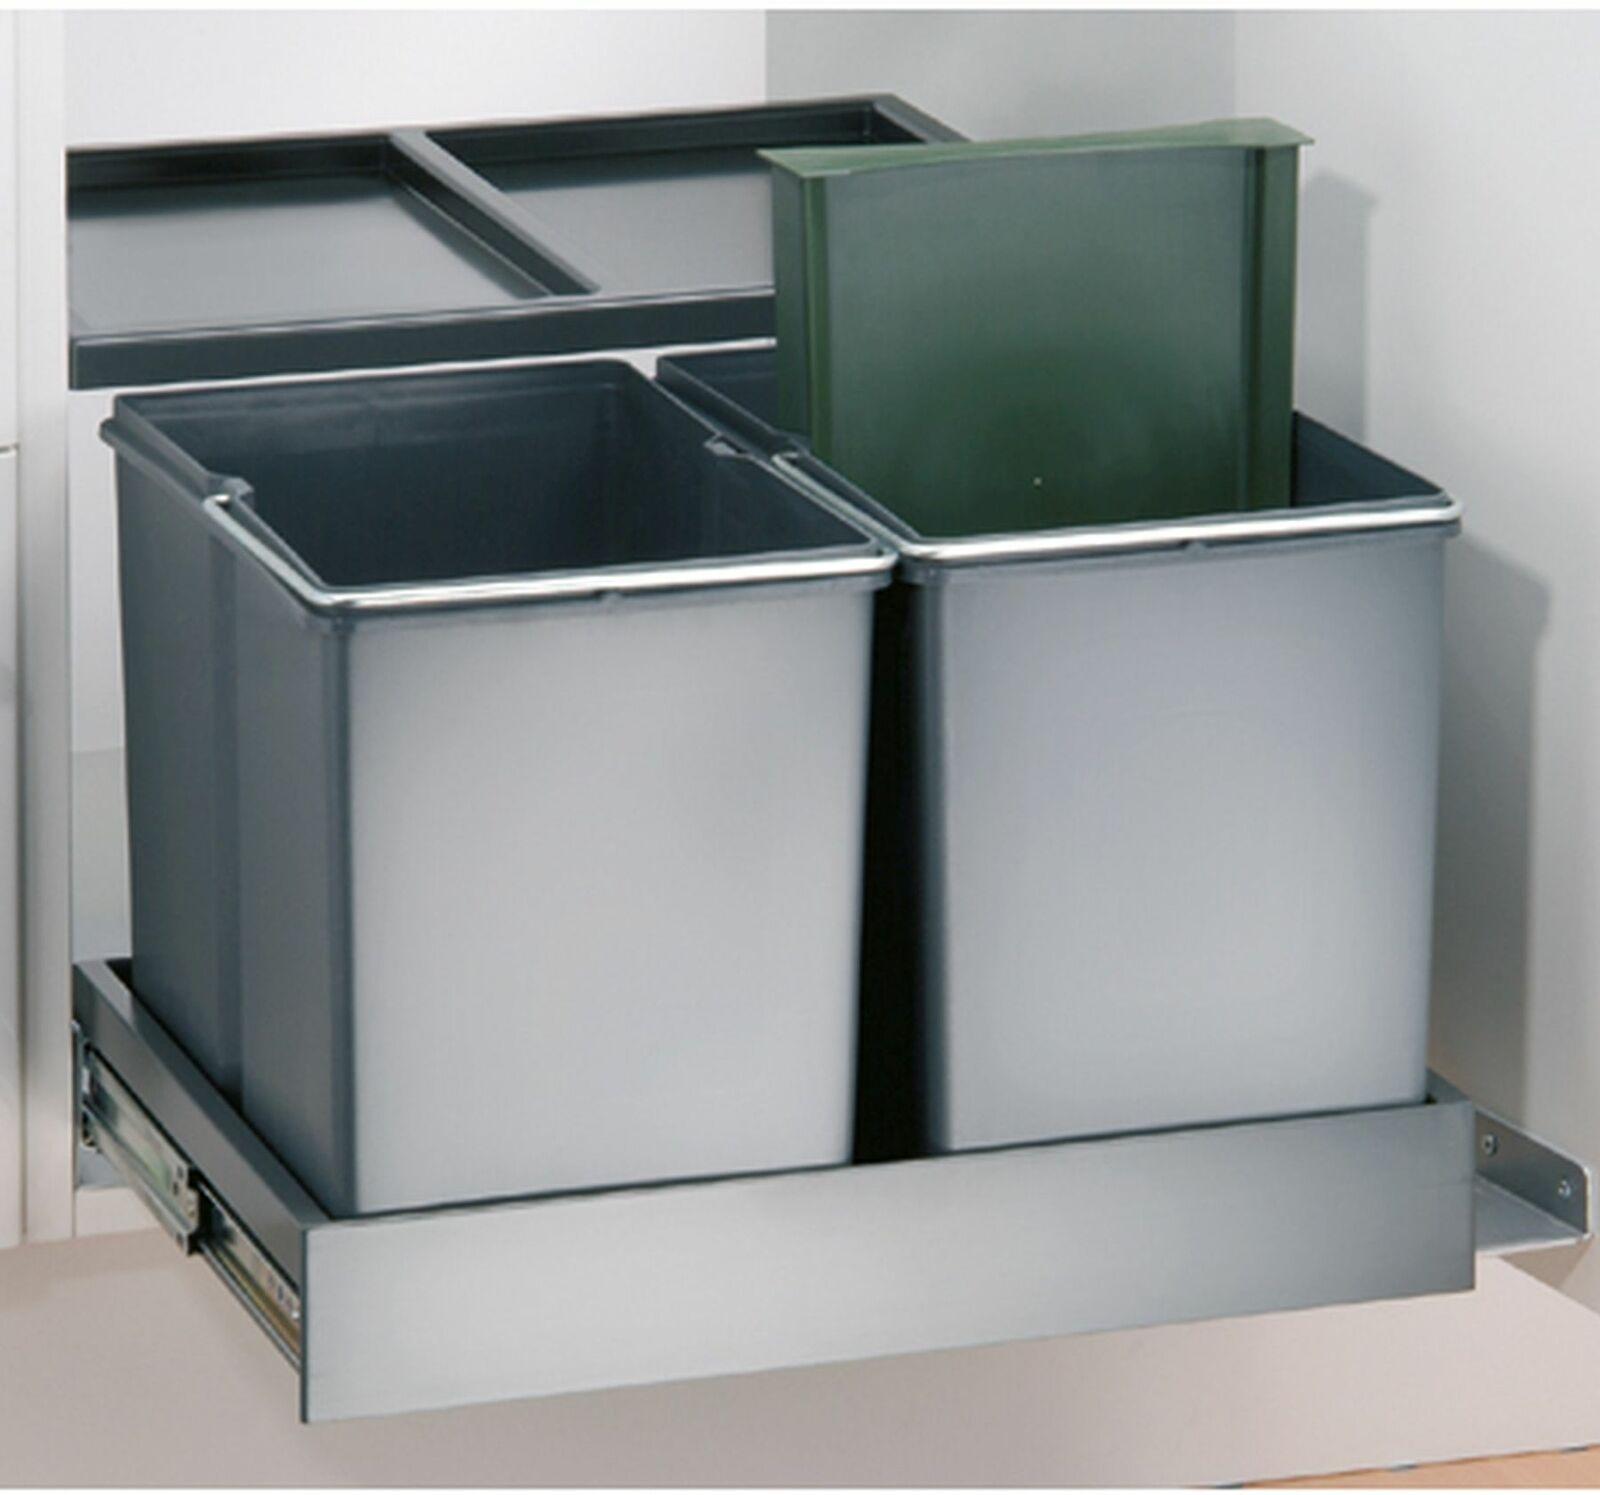 Gut bekannt Mülleimer Einbau Küche | Schön Mülleimer Ideen Küche Bilder 27 TE94